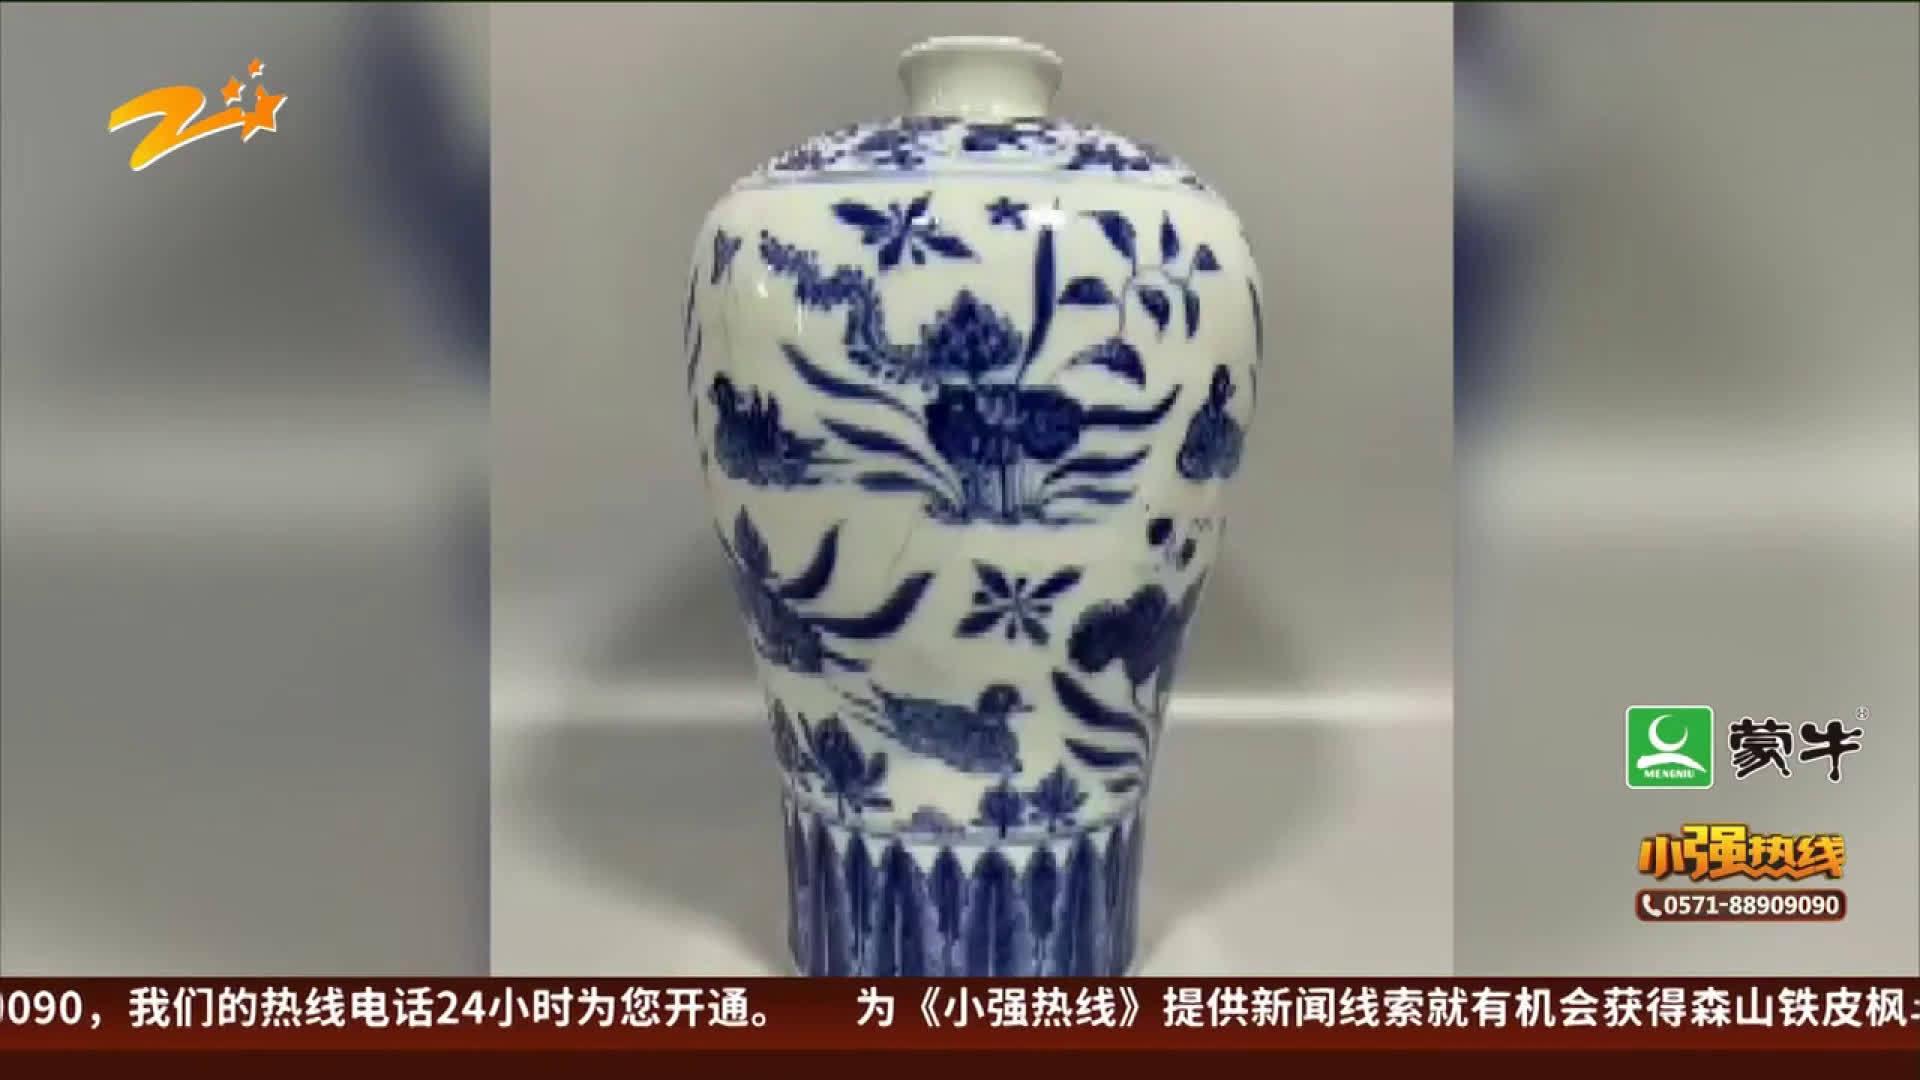 被快手主播种草清朝瓷瓶 到货竟是现代工艺品?!